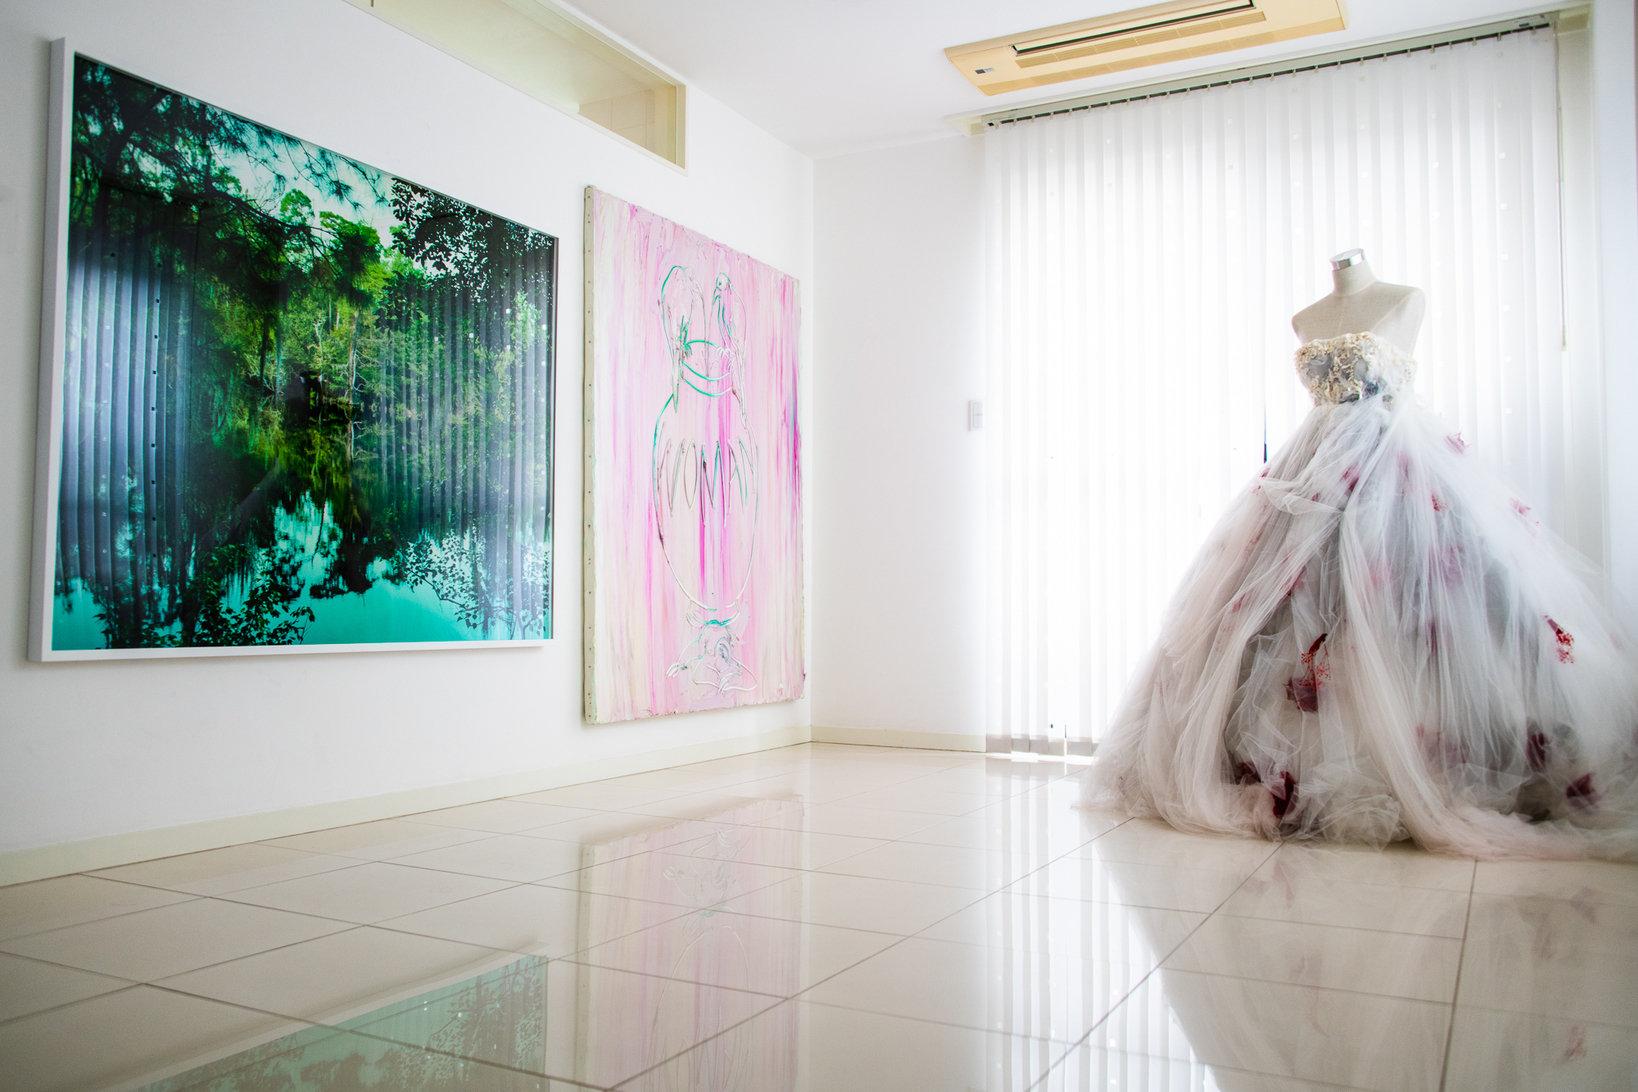 """メゾネットの1階部分は、同世代のアーティストの作品が飾ってある。壁だけでなく、床まですべて真っ白な空間は採光も抜群。左から<a href=""""http://yojiroimasaka.com"""">Yojiro Imasaka</a>、<a href=""""http://www.waitingroom.jp/japanese/artists/kawauchi_rikako/kawauchi_rikako.html"""">Rikako Kawauchi</a>、<a href=""""http://sho-konishi.com/"""">Sho Konishi</a>。"""